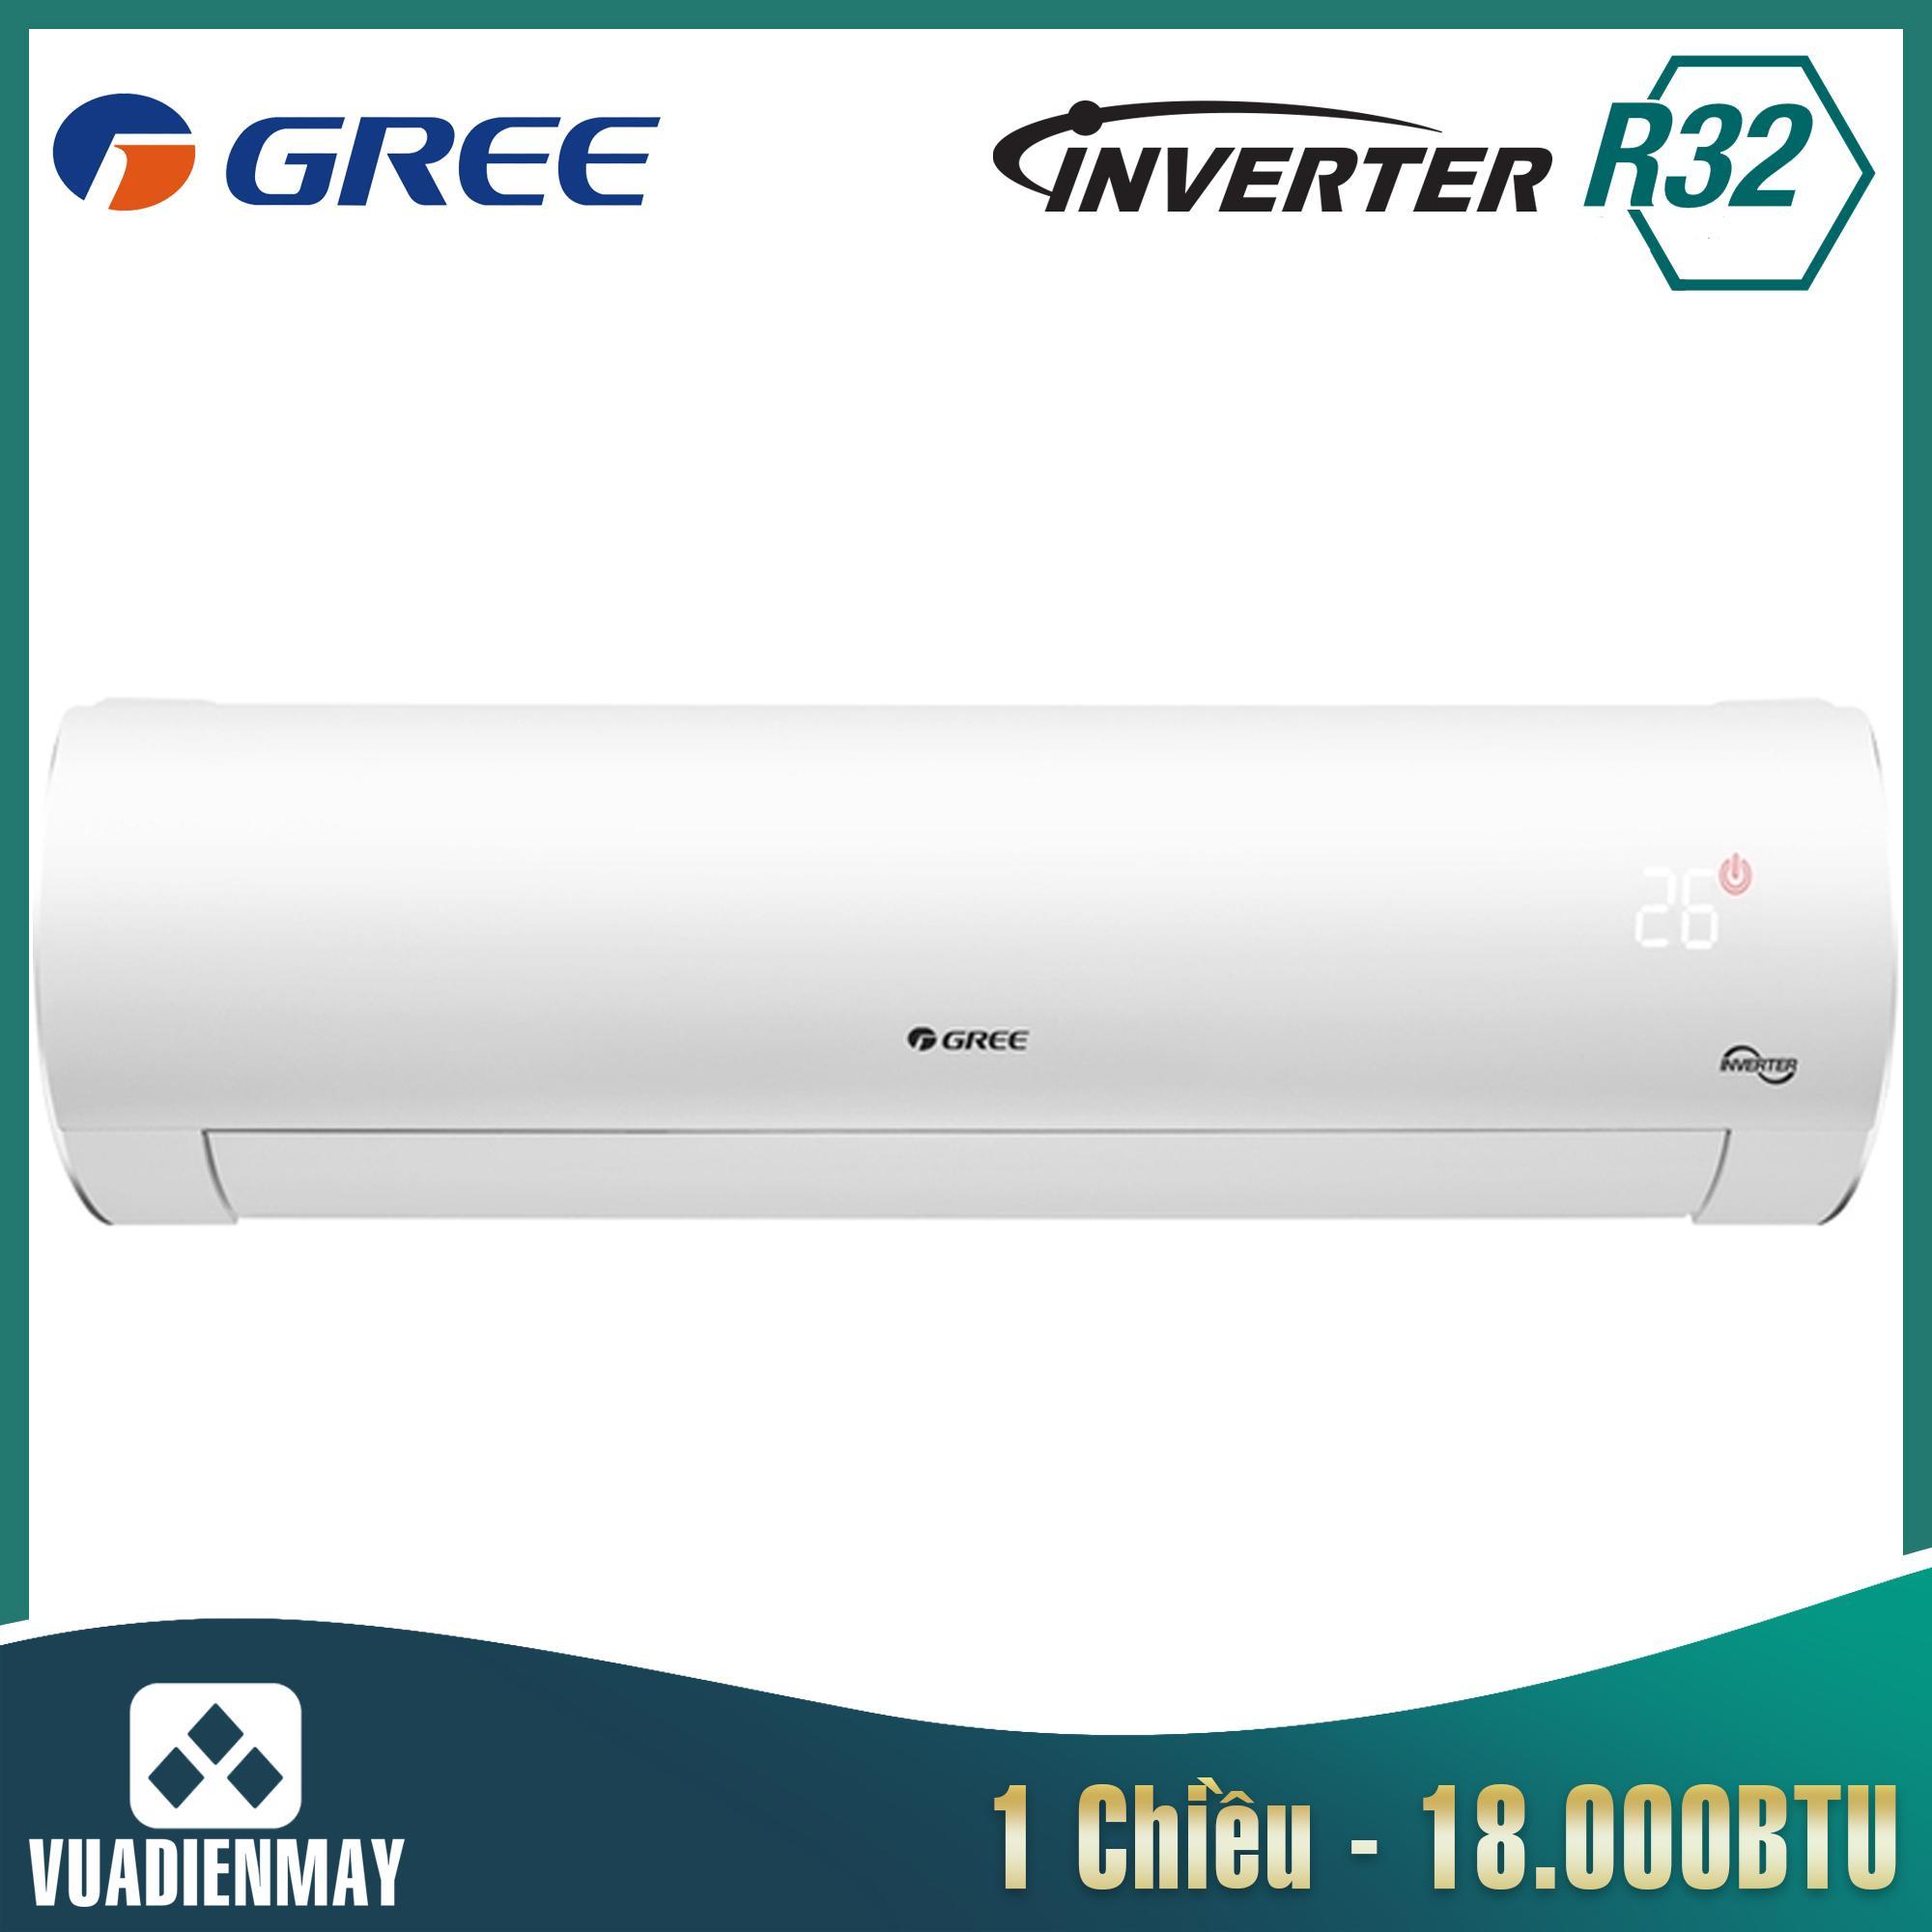 GWC18FD, Điều hòa Gree 18000BTU 1 chiều Inverter